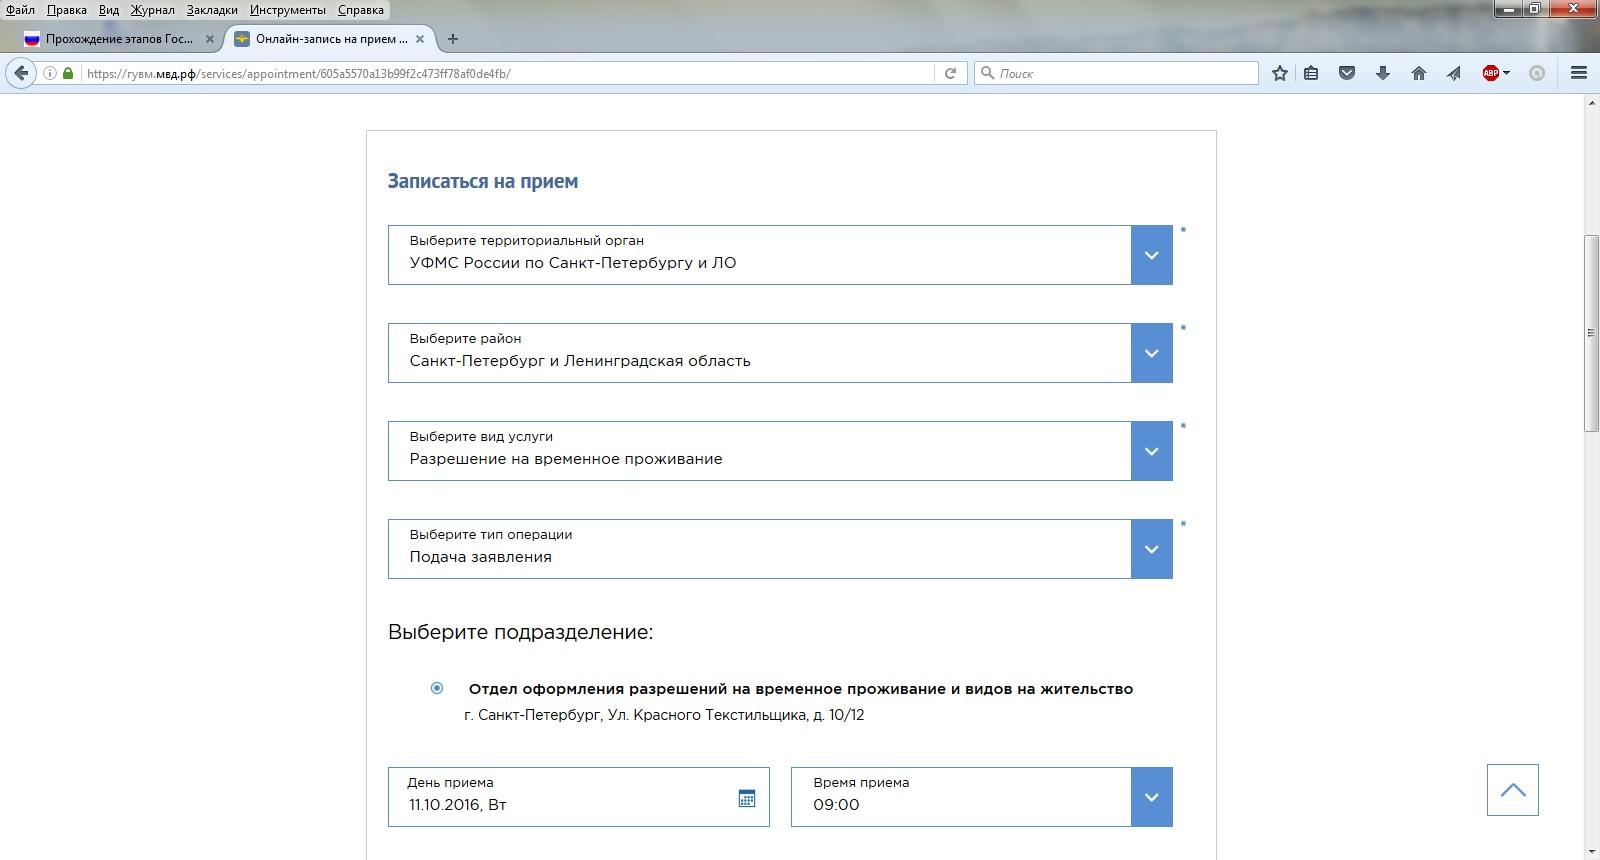 Регистратура поликлиники ржд вологда